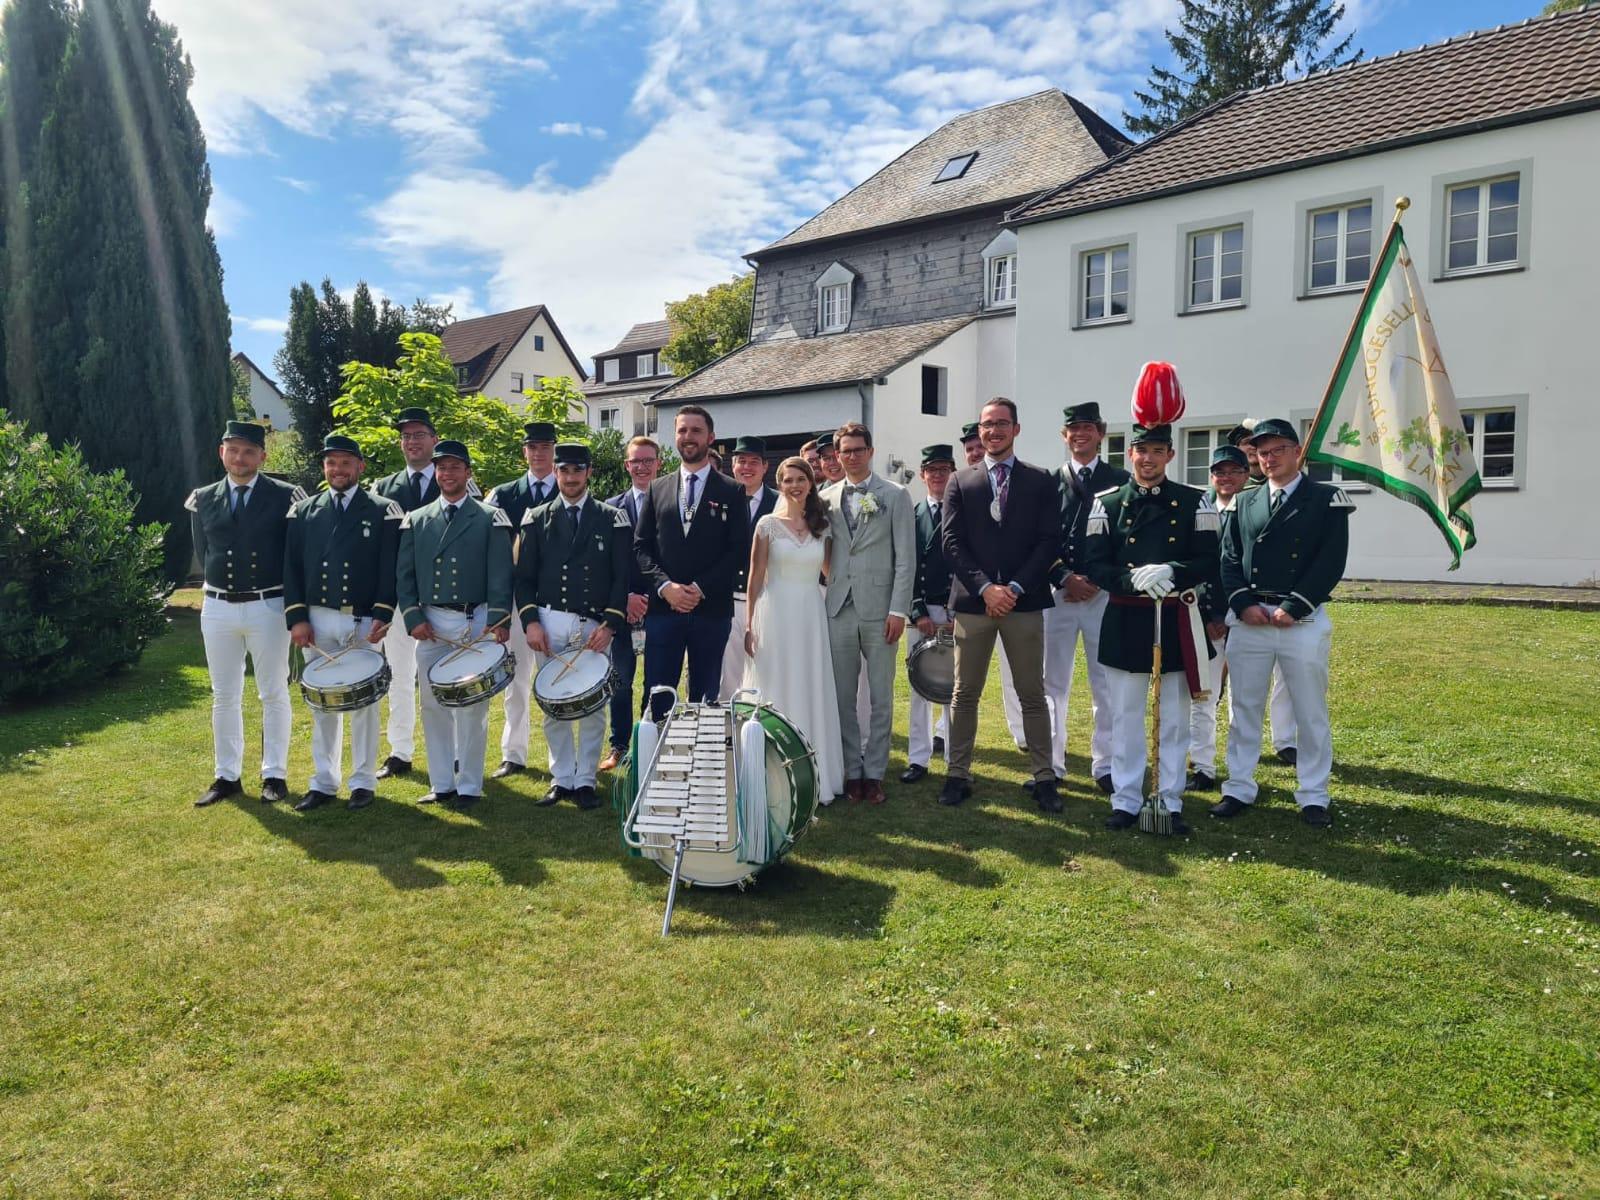 Das Brautpaar Lypken zusammen mit Vorstand und Tambourcorps.